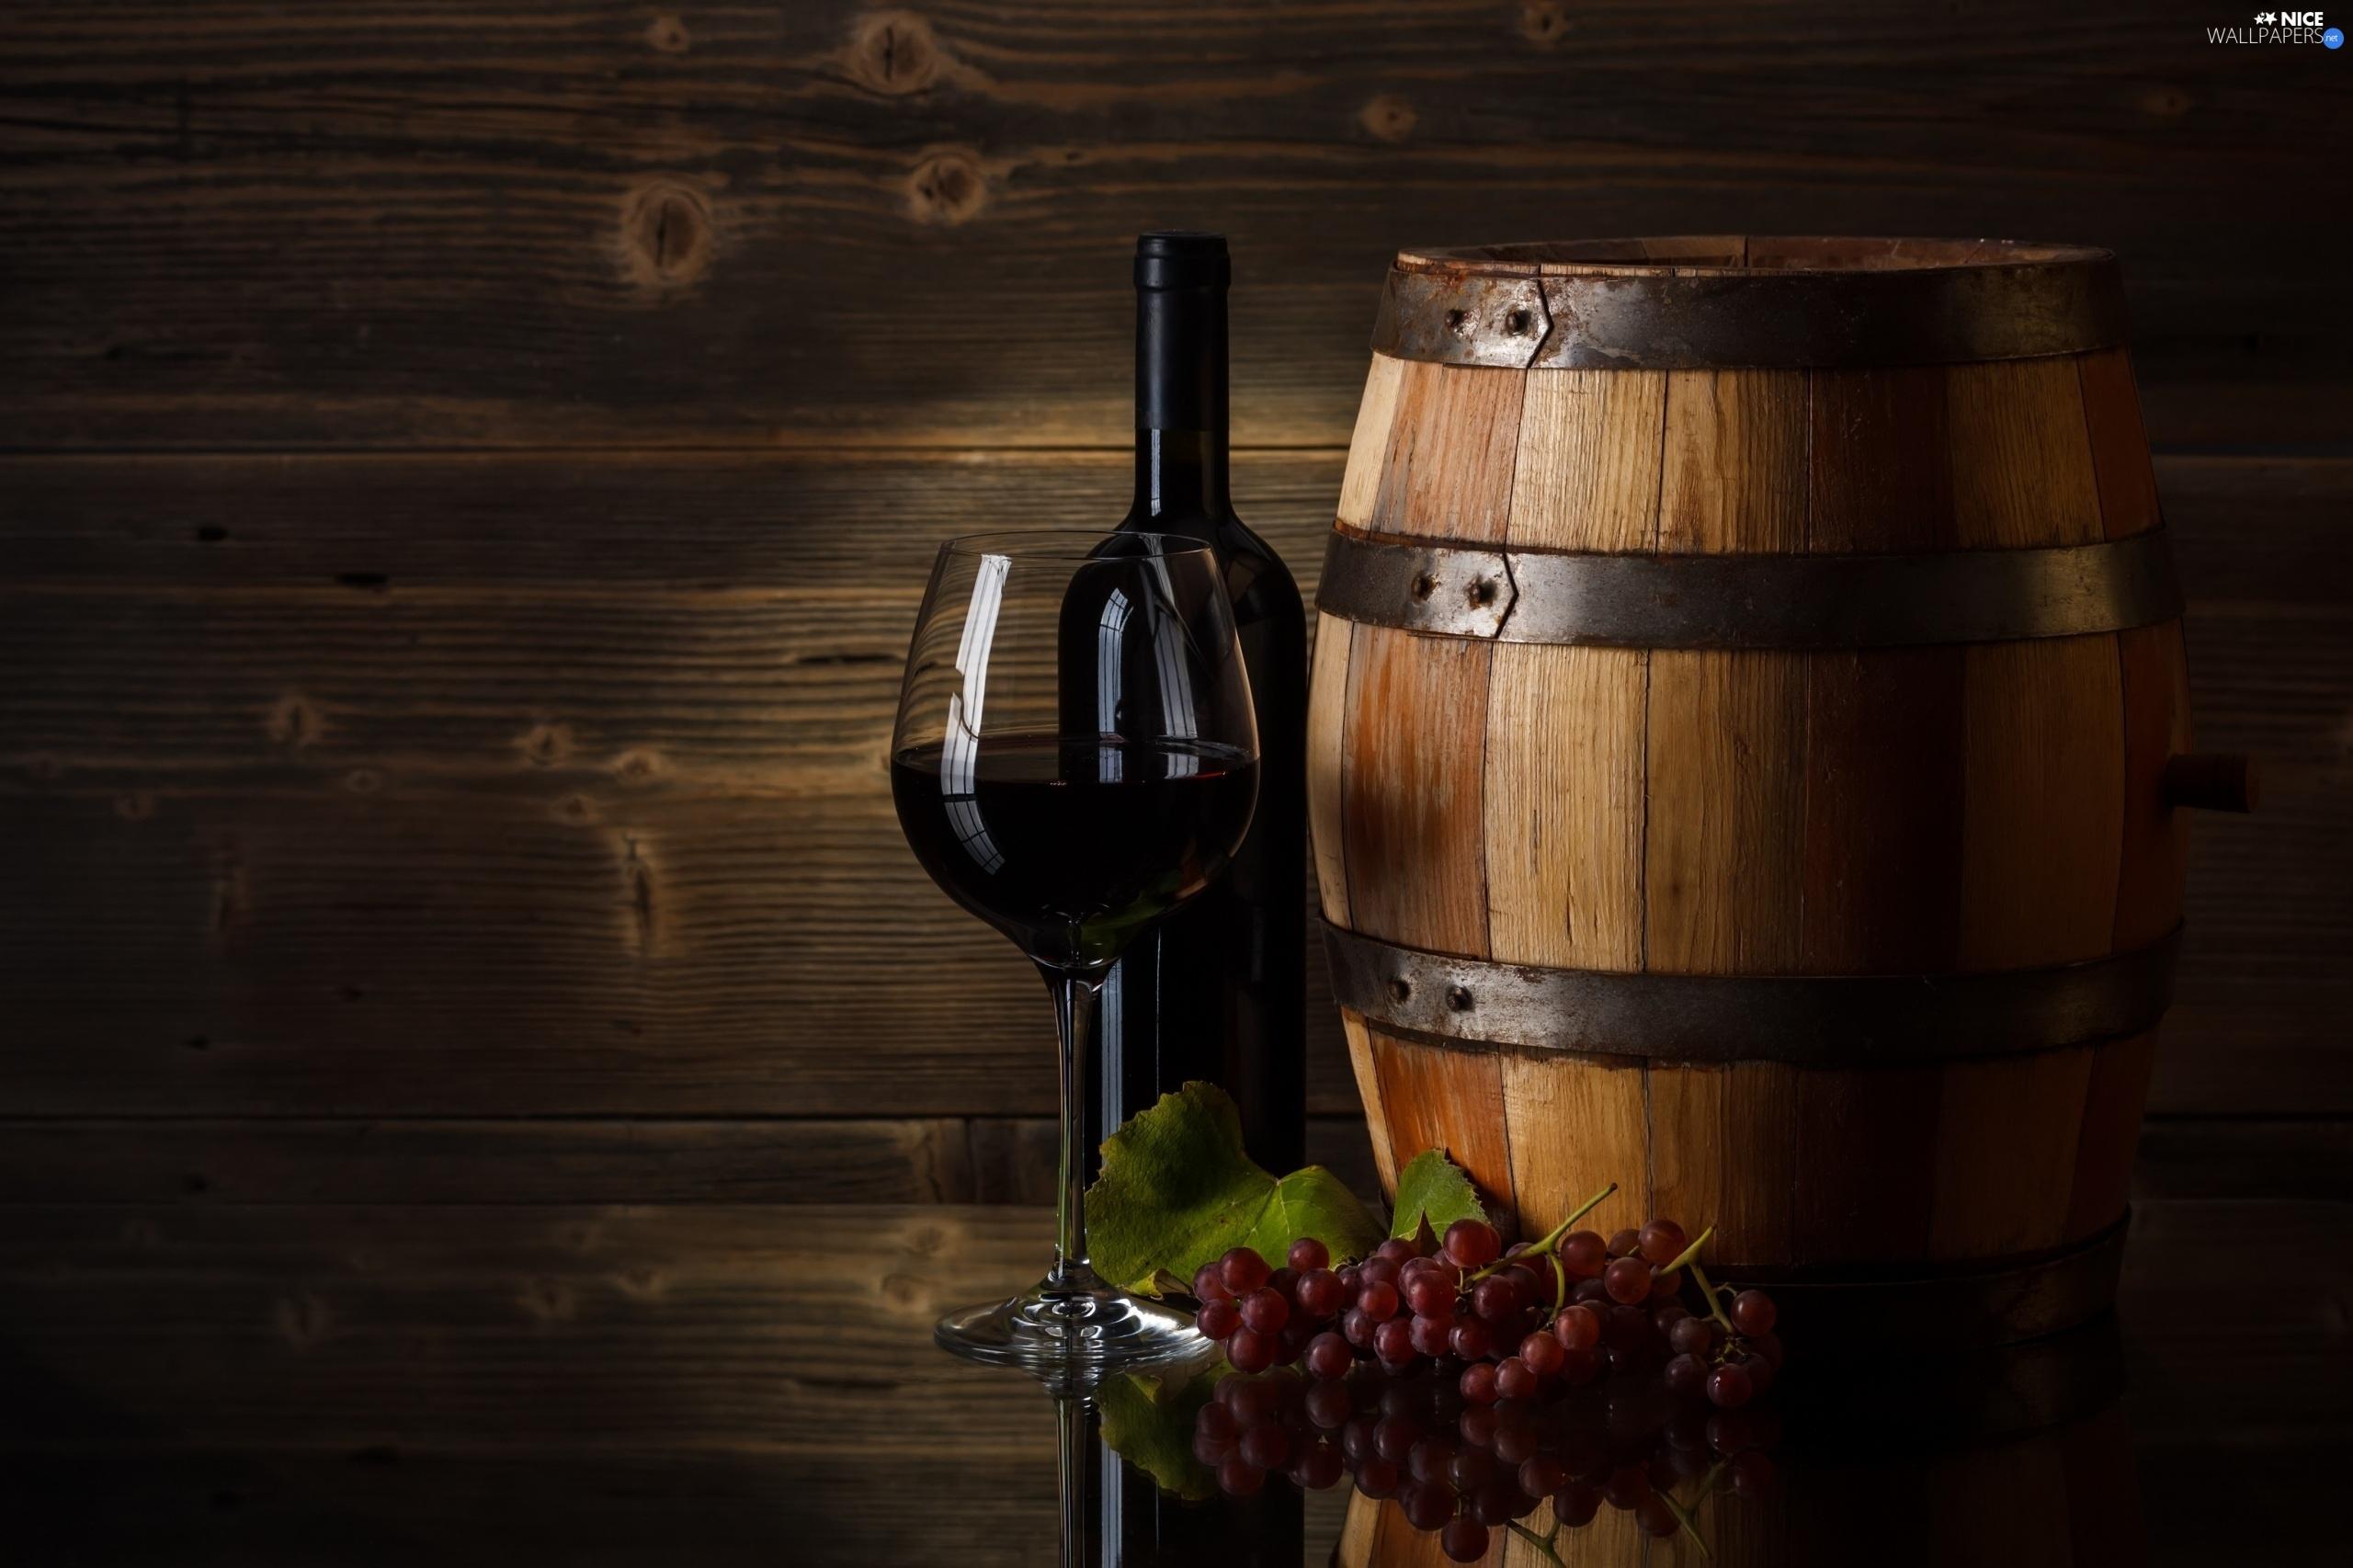 glass, Bottle, barrel, Wine - Nice wallpapers: 2560x1706